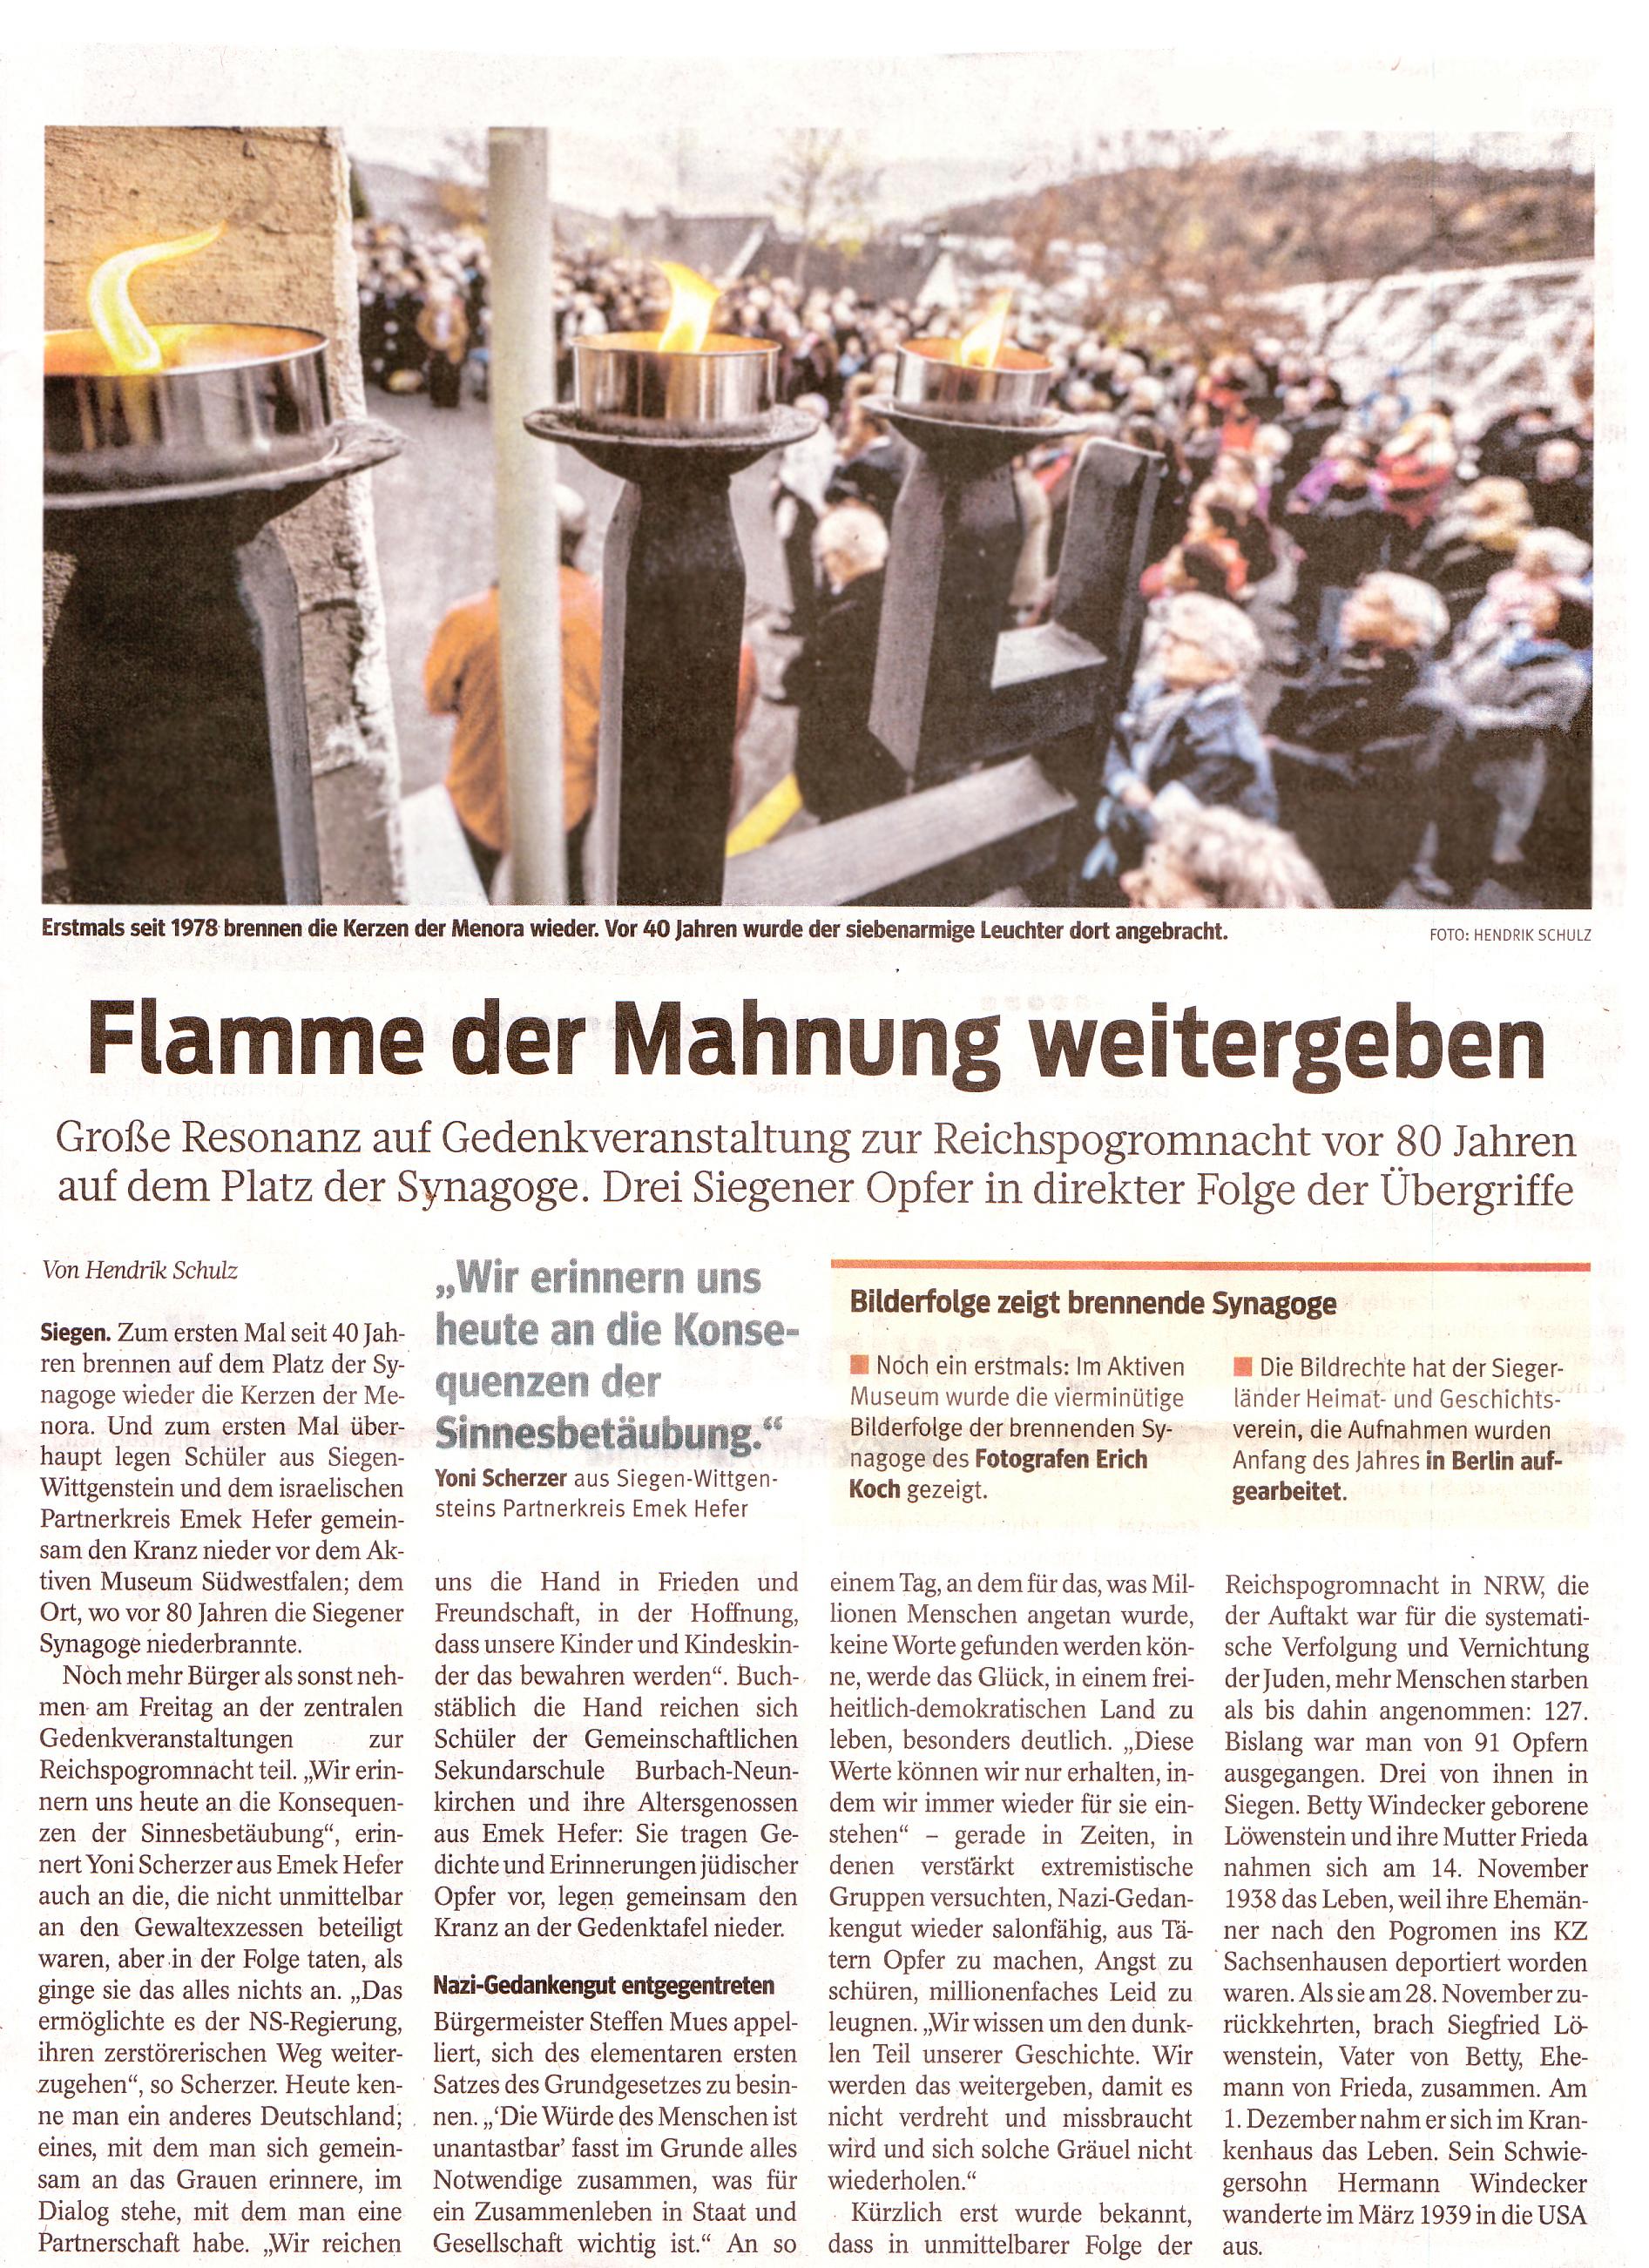 Westfälische Rundschau 10.11.2018 - Zum Vergrößern bitte anklicken.